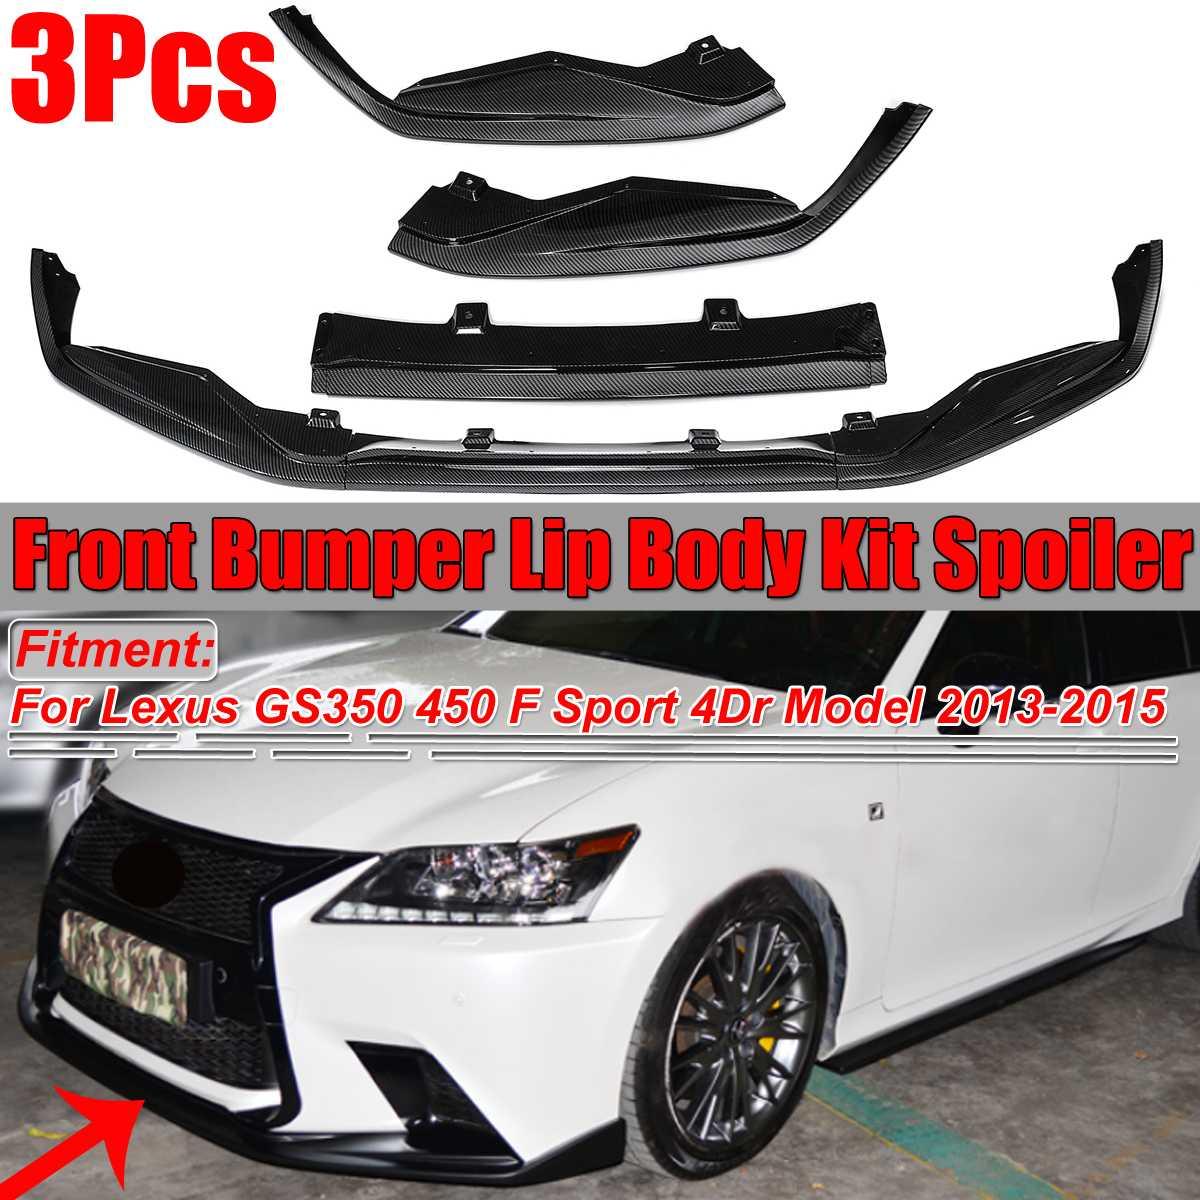 Автомобильный передний бампер из углеродного волокна, спойлер для губ, Накладка для Lexus GS350 450 F Sport 4Dr модель 2013 2014 2015